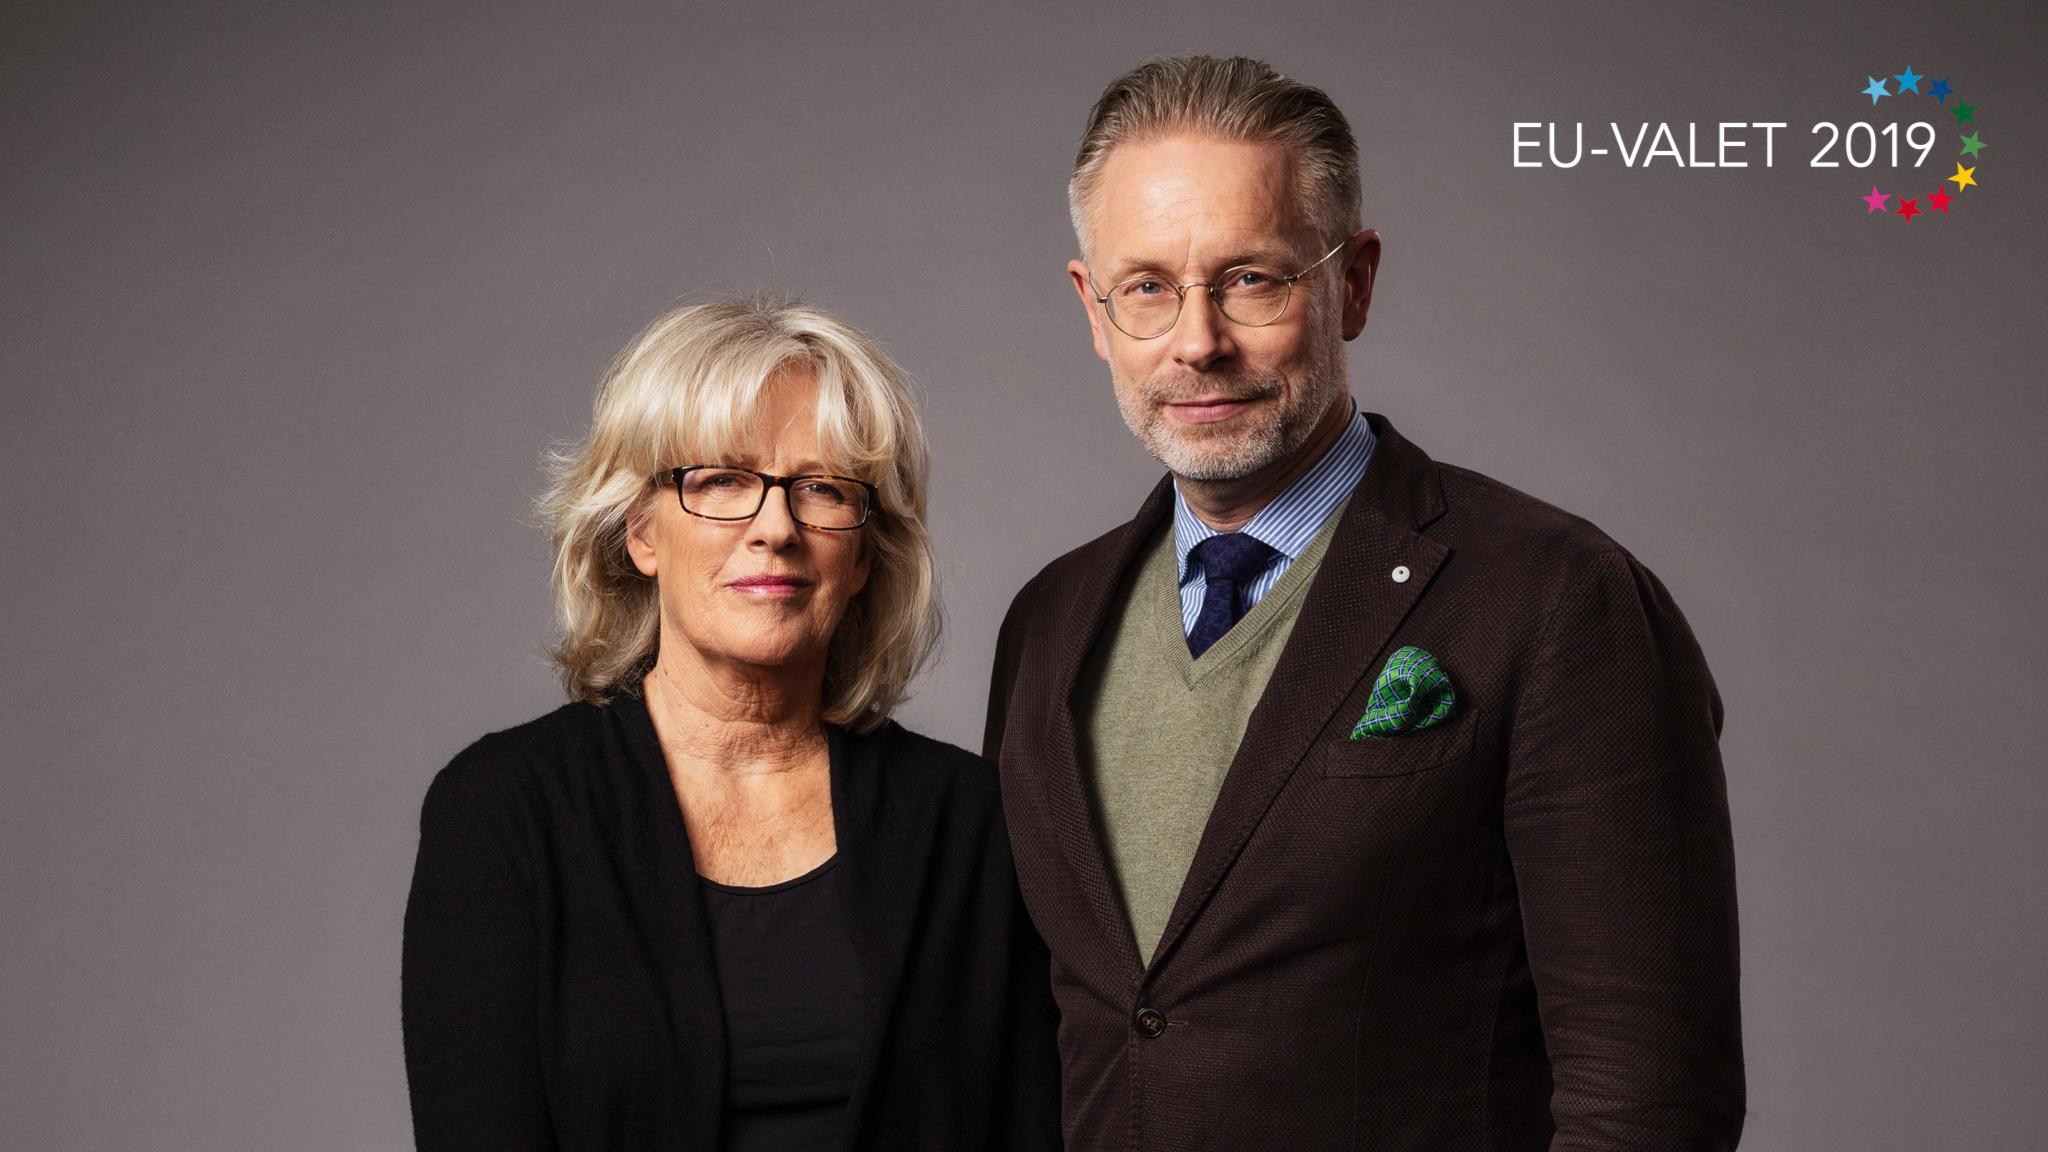 Programledare slutdebatt och valvaka EU valet 2019